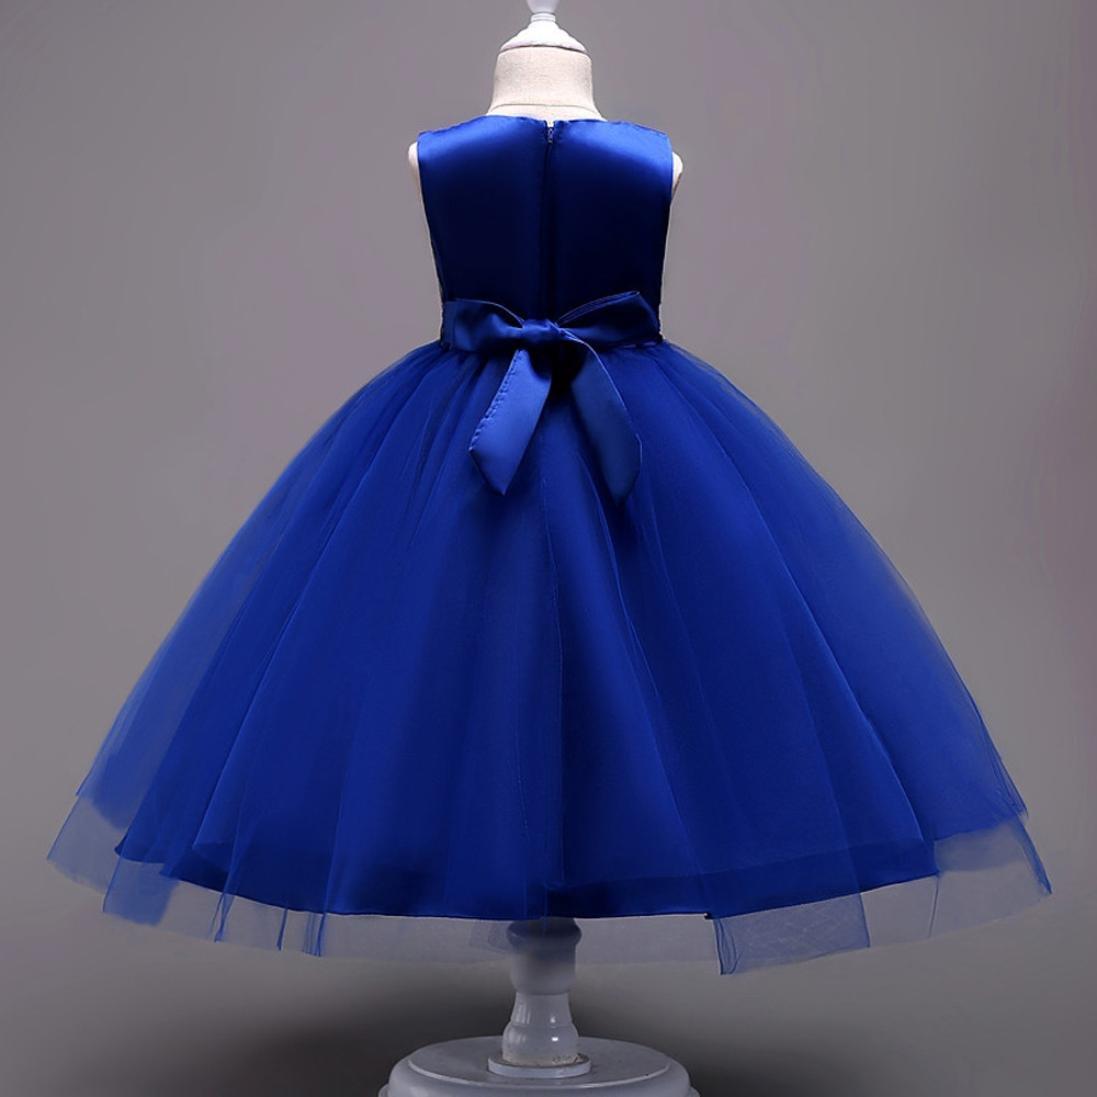 Remoción bestoppen bebé niñas vestido de princesa de, diseño de sin mangas flor Pageant Swing vestidos para niña a-Line bownet tutú de tul vestido de ropa ...